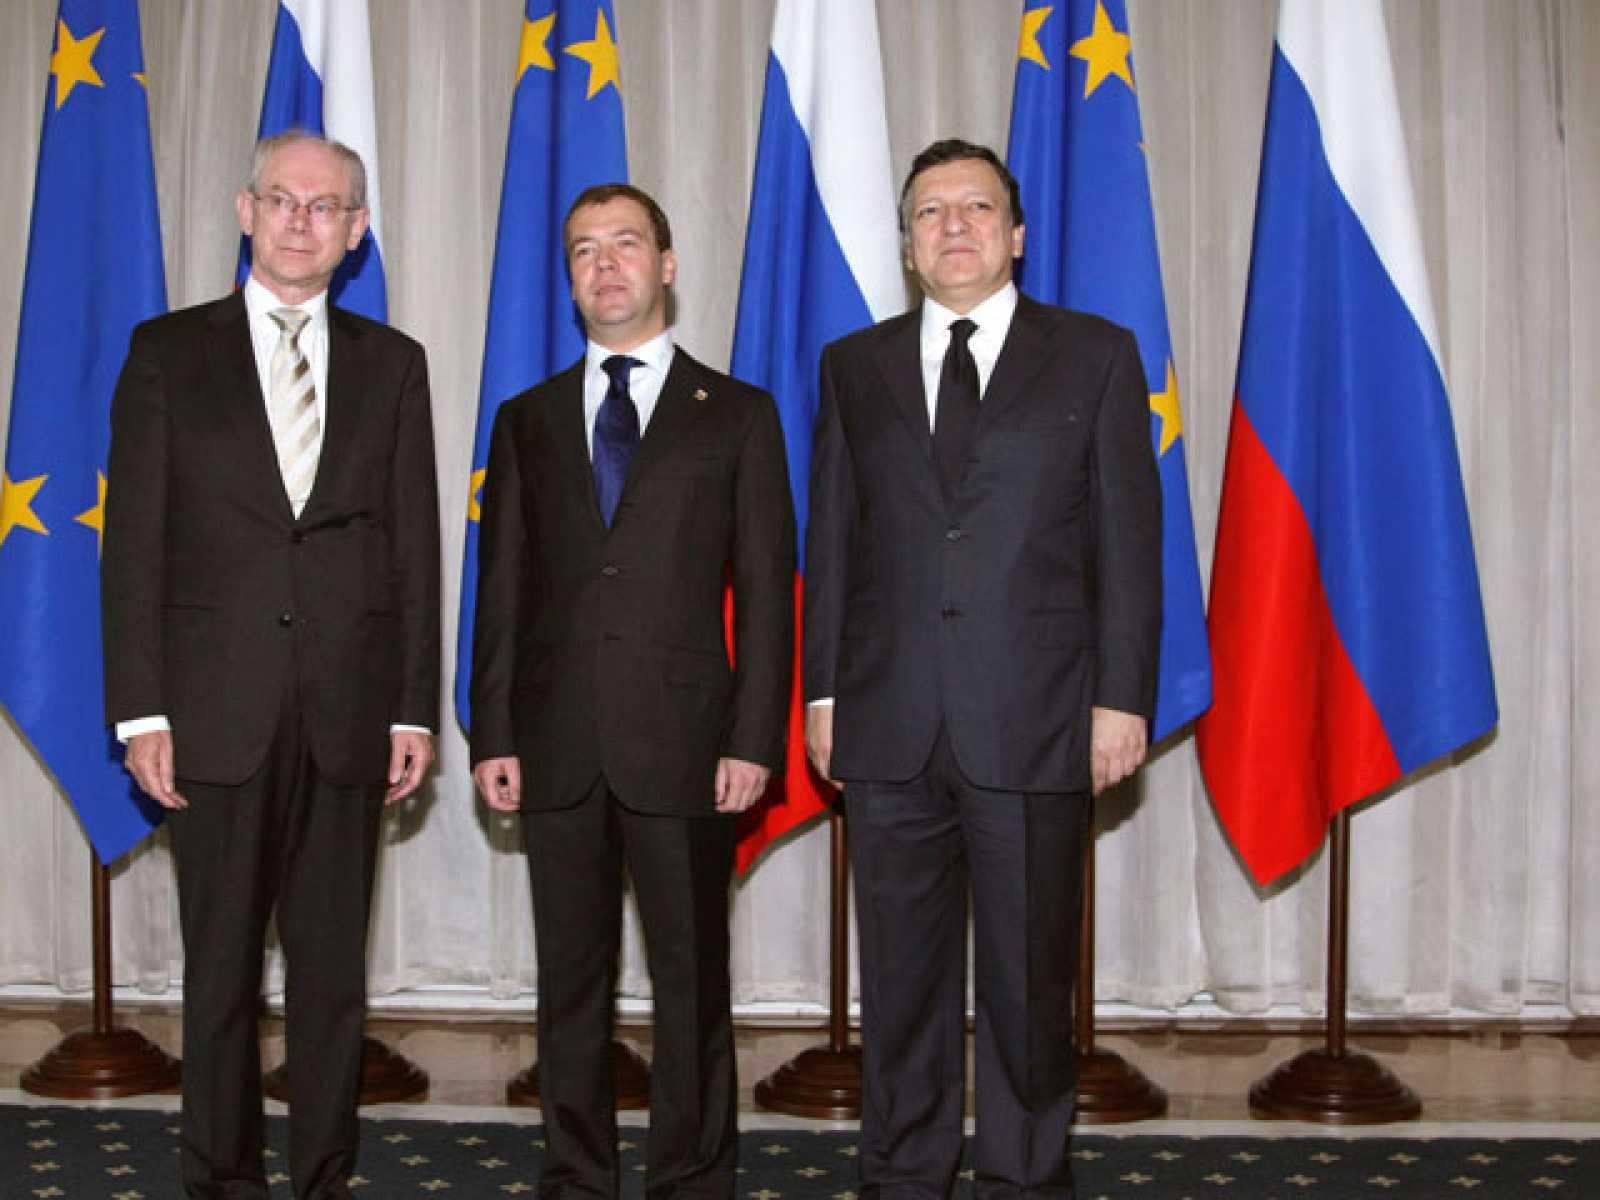 """Durante la cumbre UE-Rusia en Rostov-on-Don han pedido una investiación """"completa e imparcial"""" sobre el ataque a la flotilla humanitaria que se dirigía a Gaza. El presidente del Consejo, Herman Van Rompuy, ha calificado de """"inexplicable"""" la muerte de"""